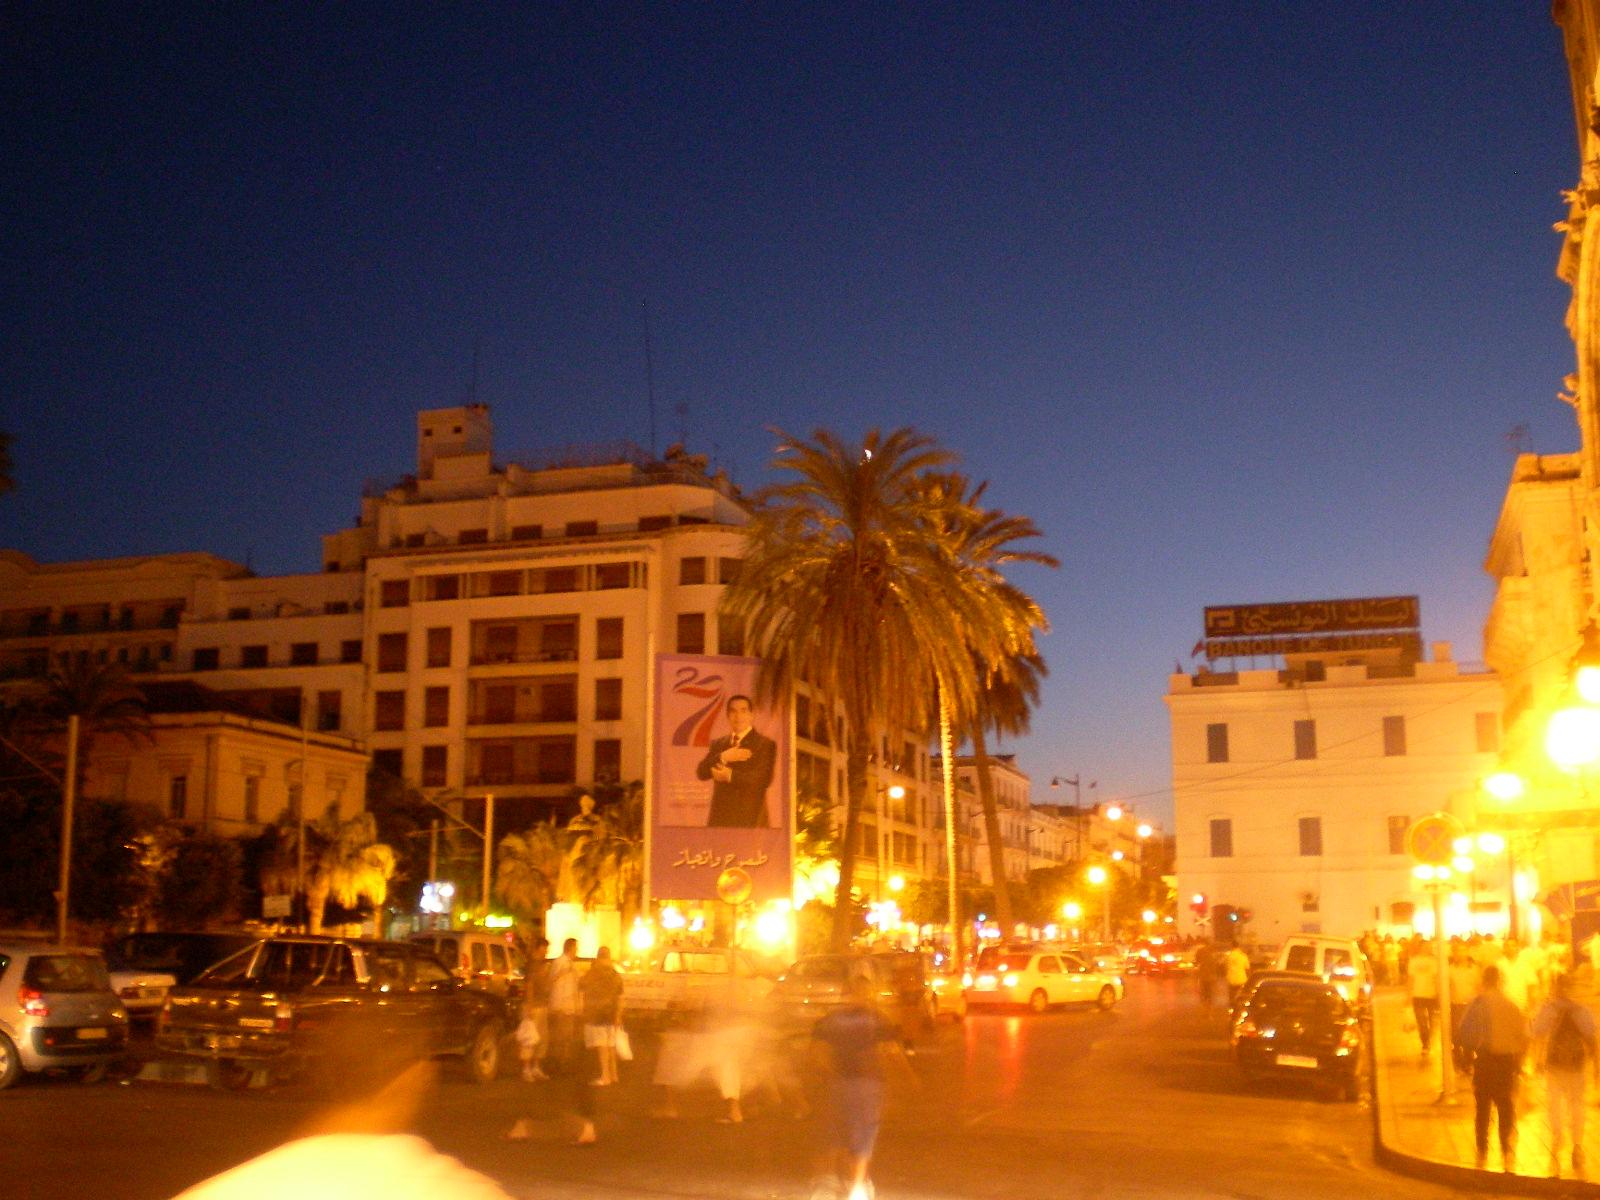 Tunisia investir en Tunisie, investissements, placements financiers dans la construction, l'immobilier, le résidentiel, le tourisme,…